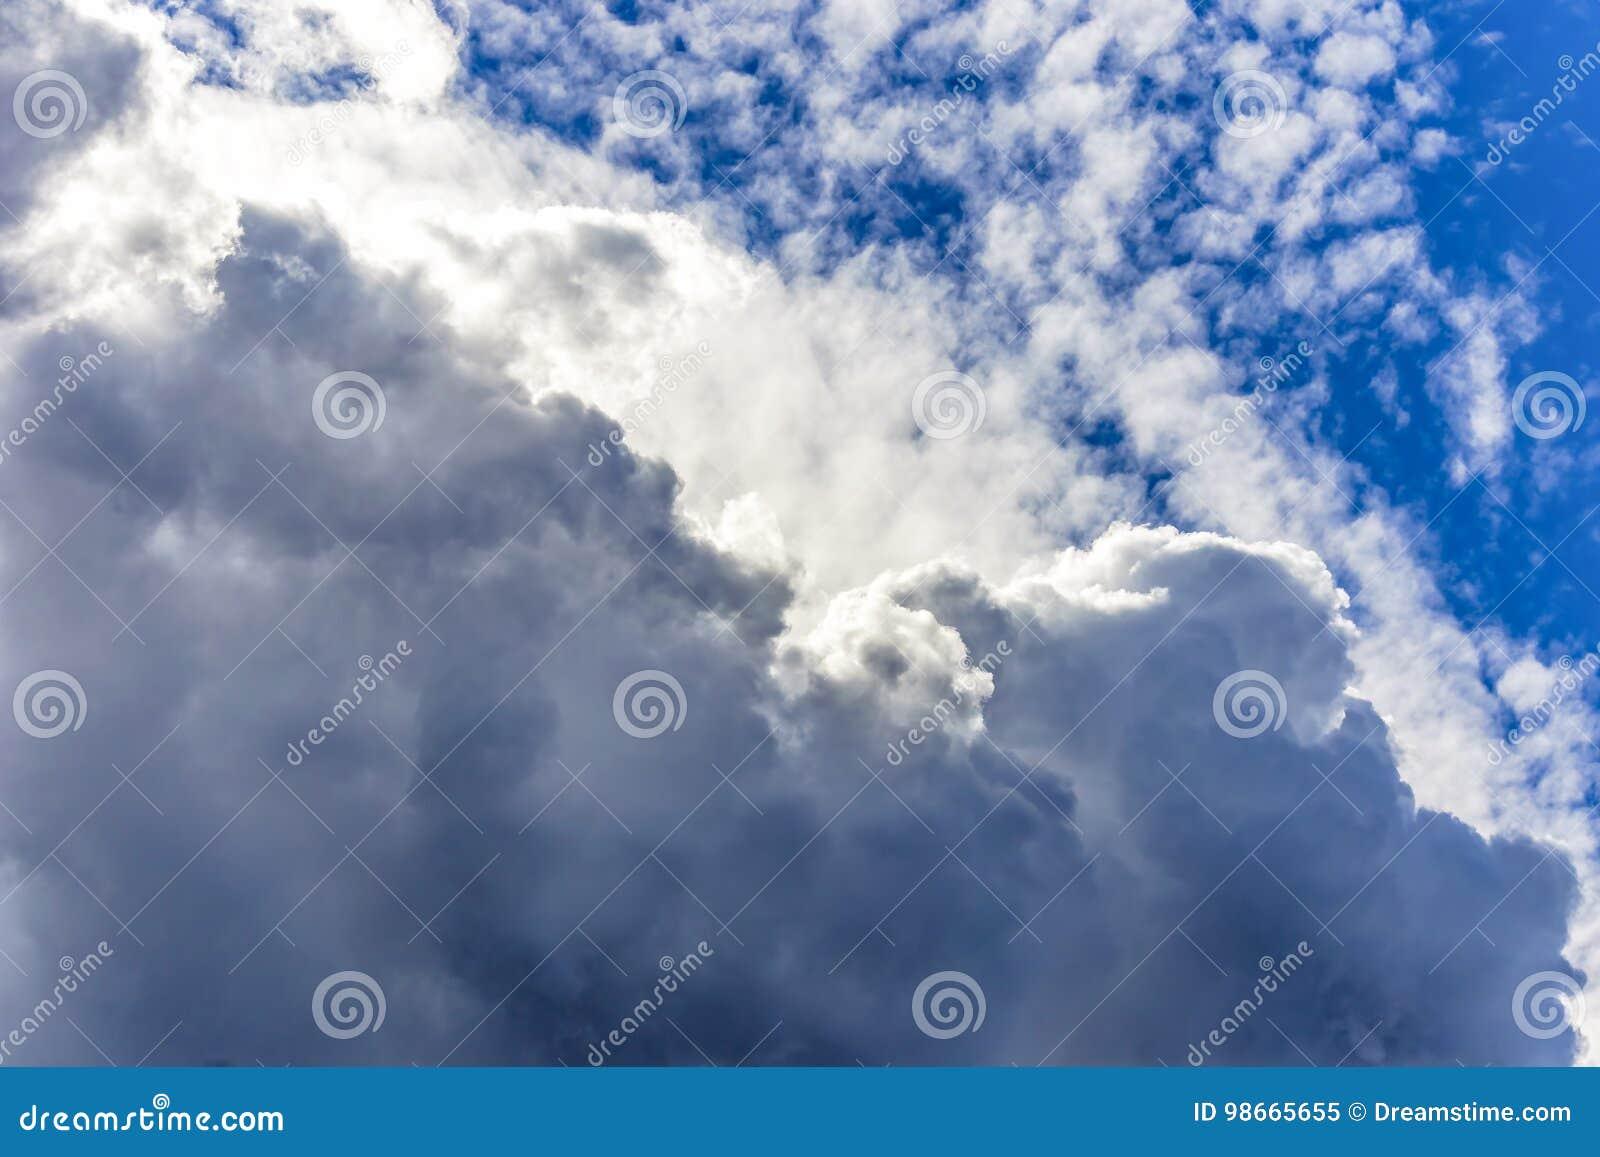 Céu nebuloso que forma texturas e camadas